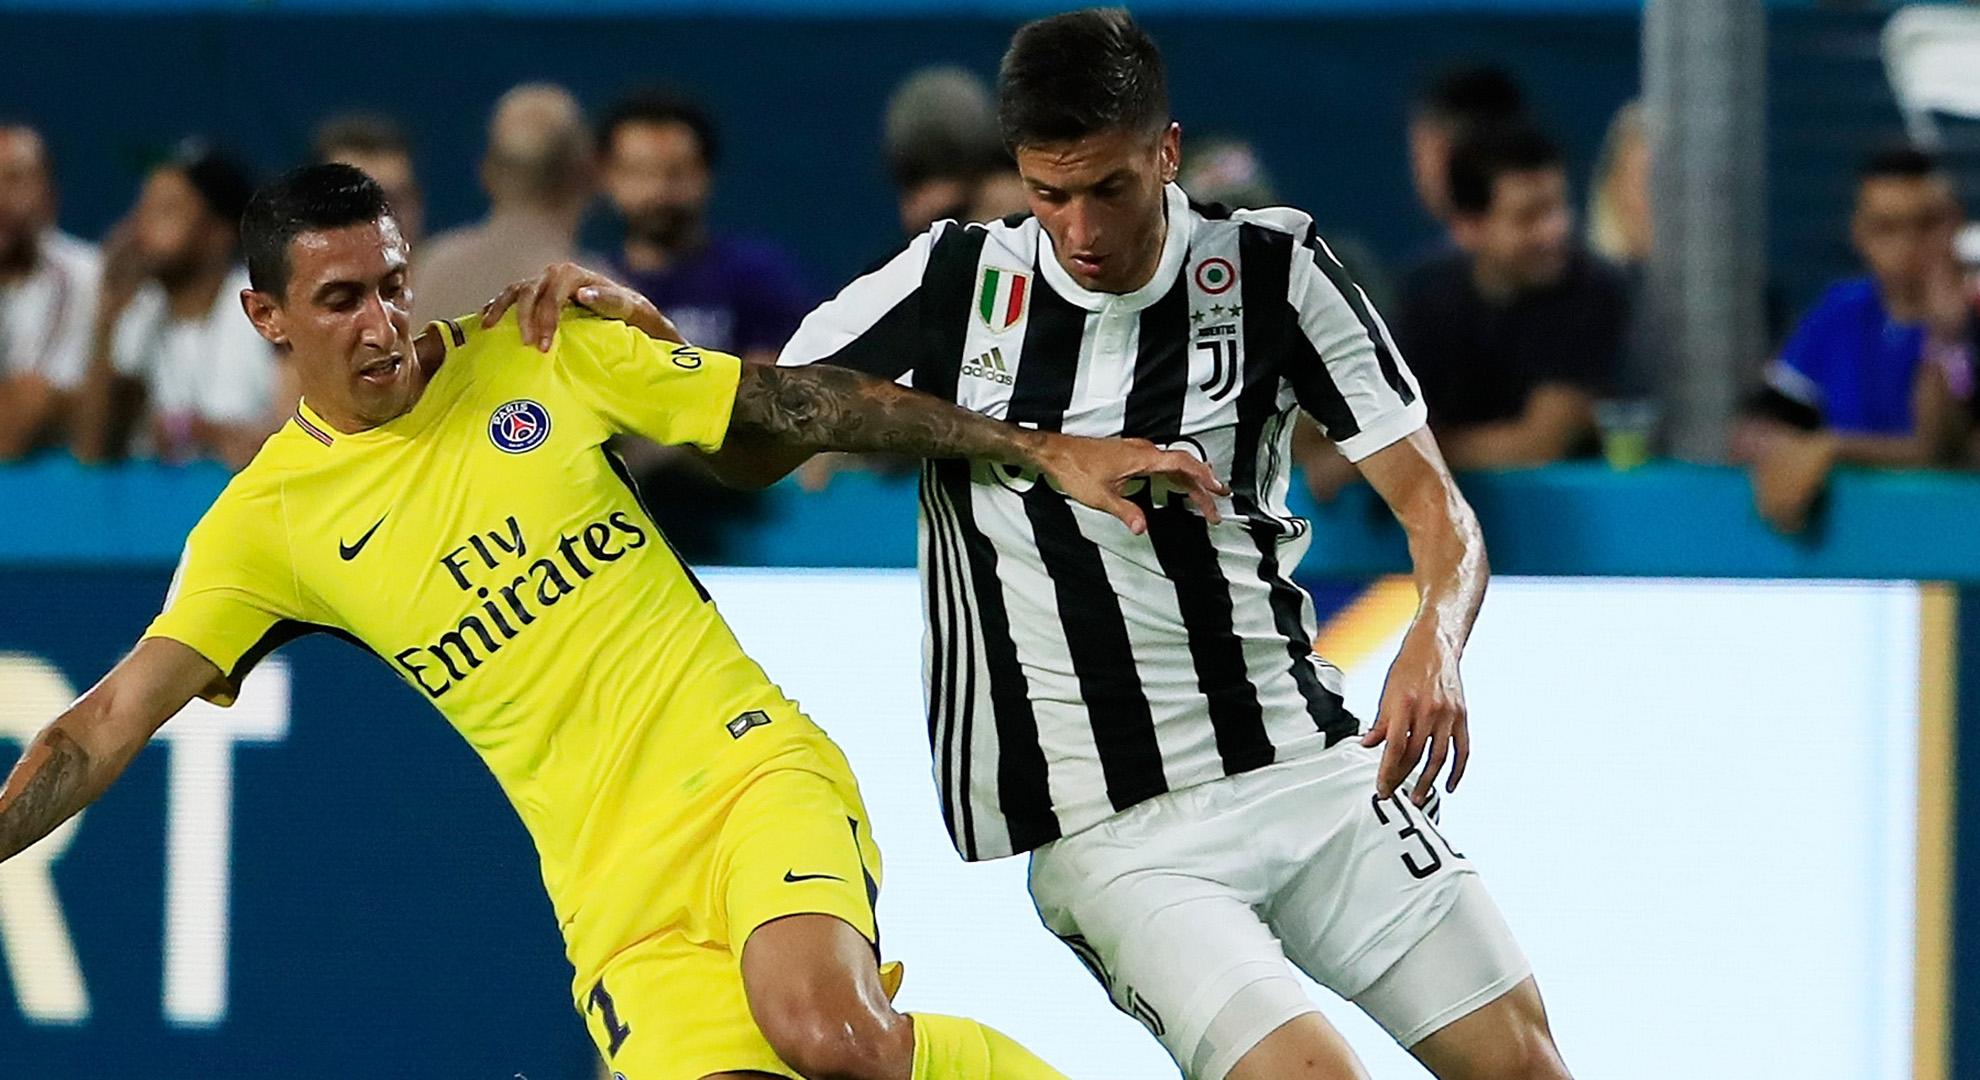 Barcellona-Juventus, Allegri al Camp Nou con il 4-3-3